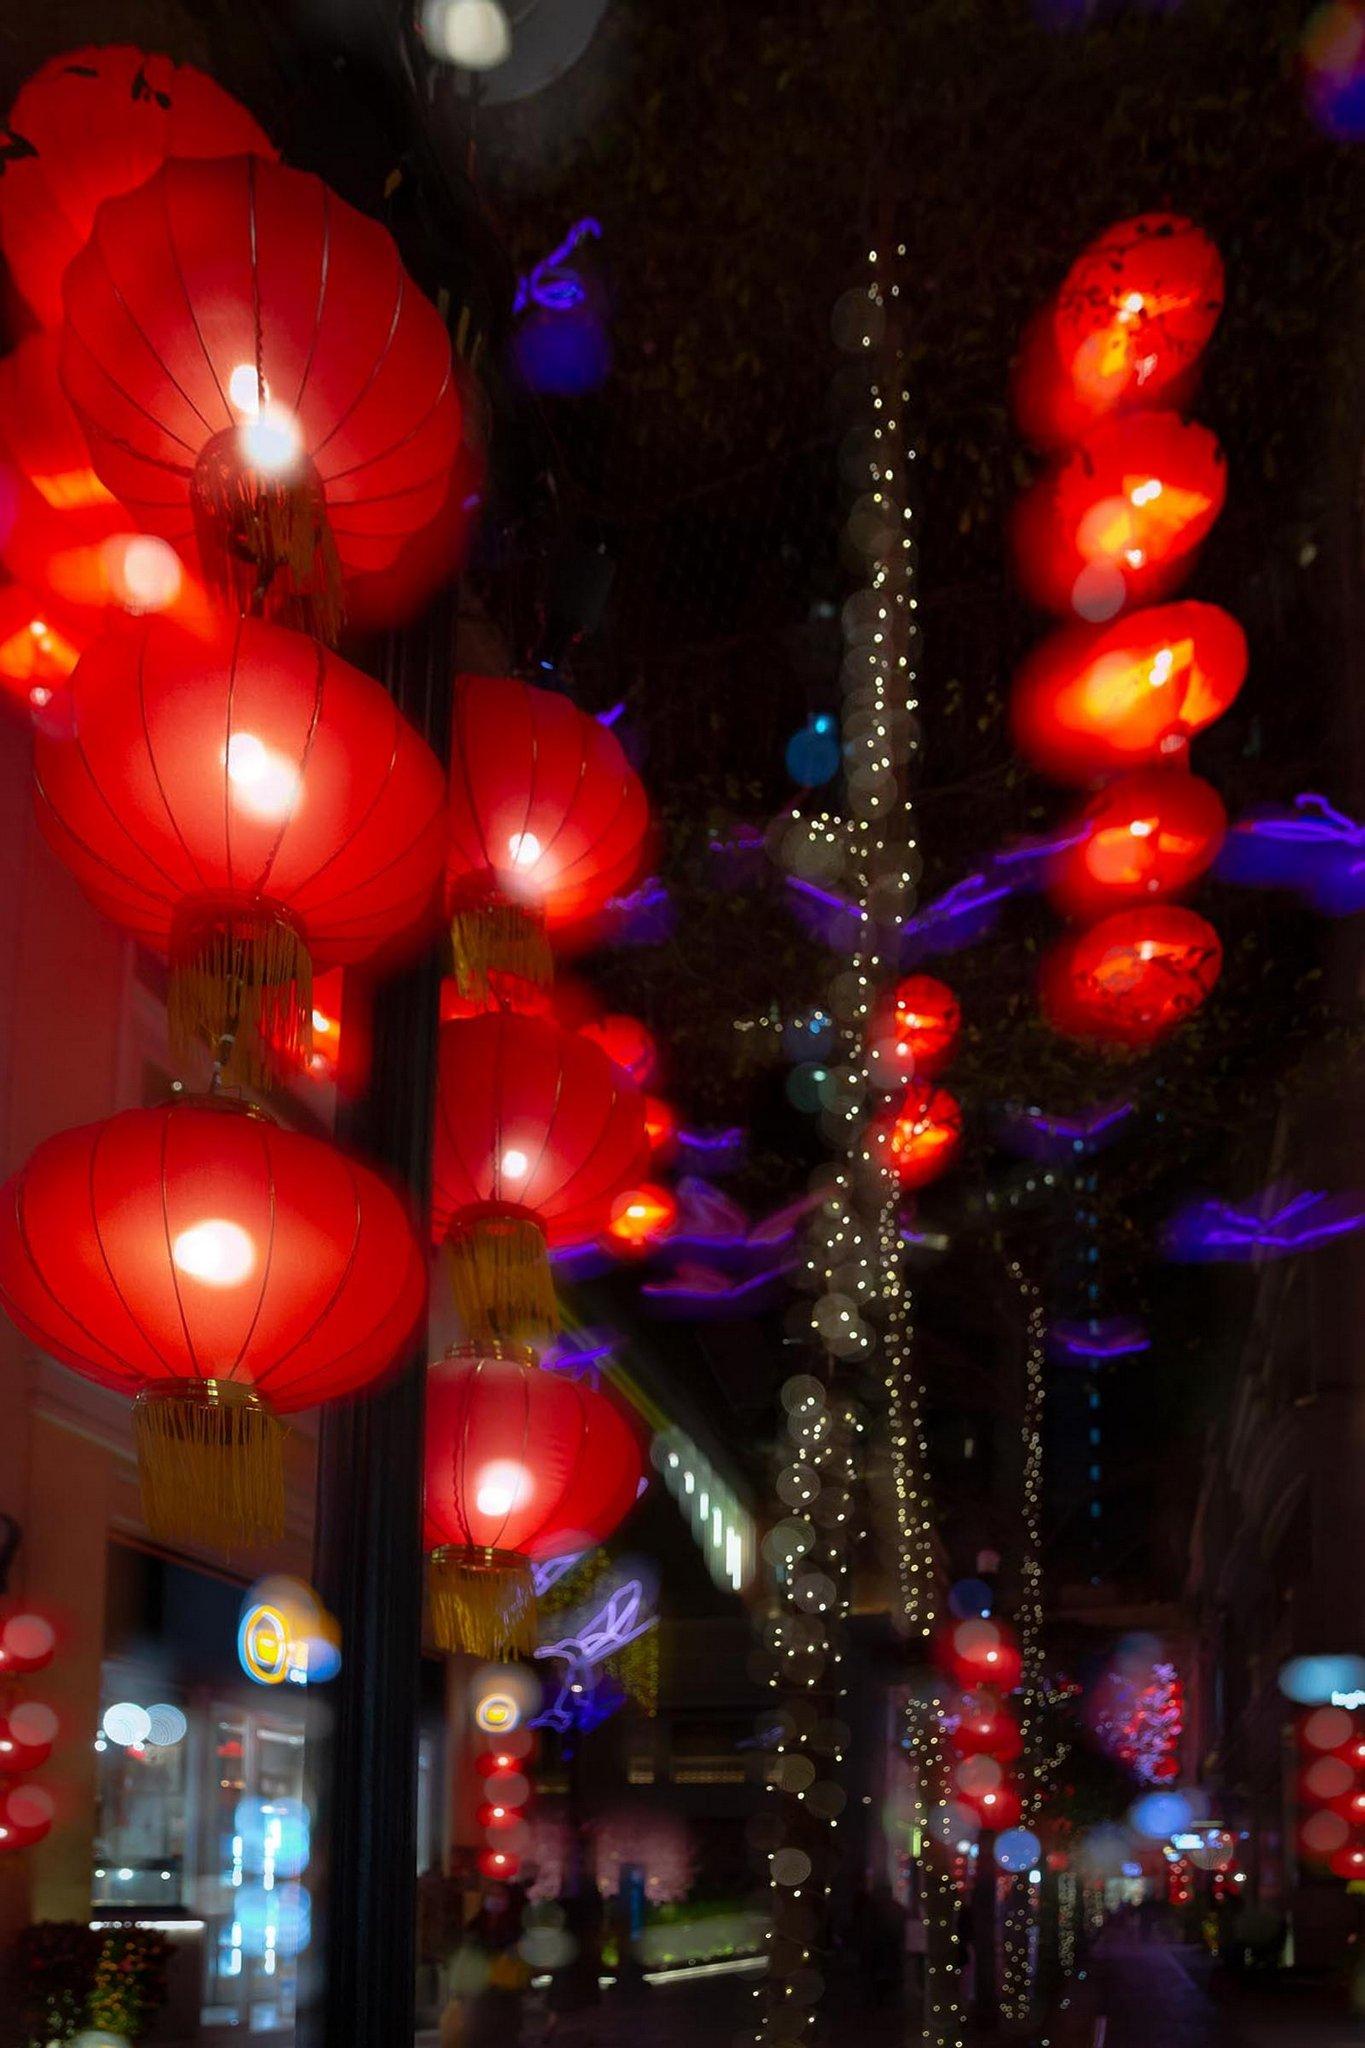 50. Chinese Lanterns